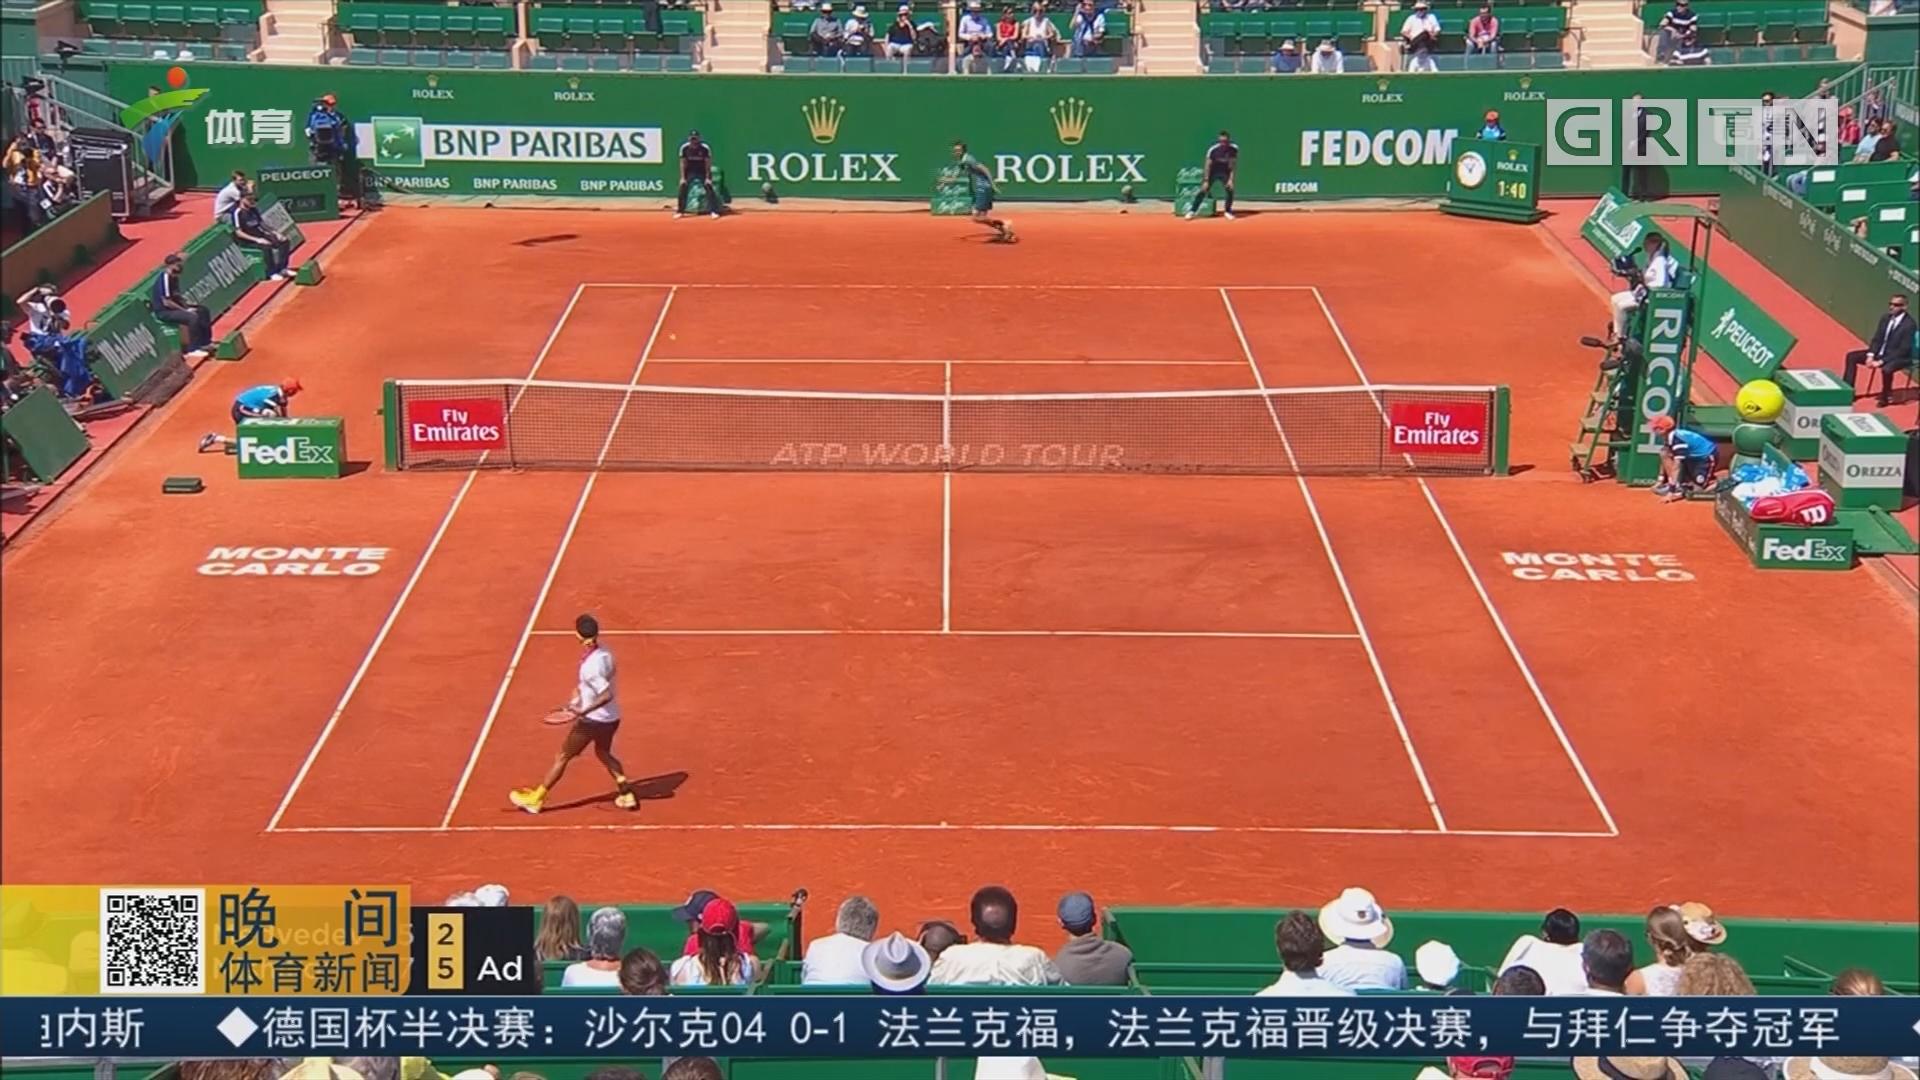 ATP蒙特卡洛大师赛 锦织圭顺利晋级16强